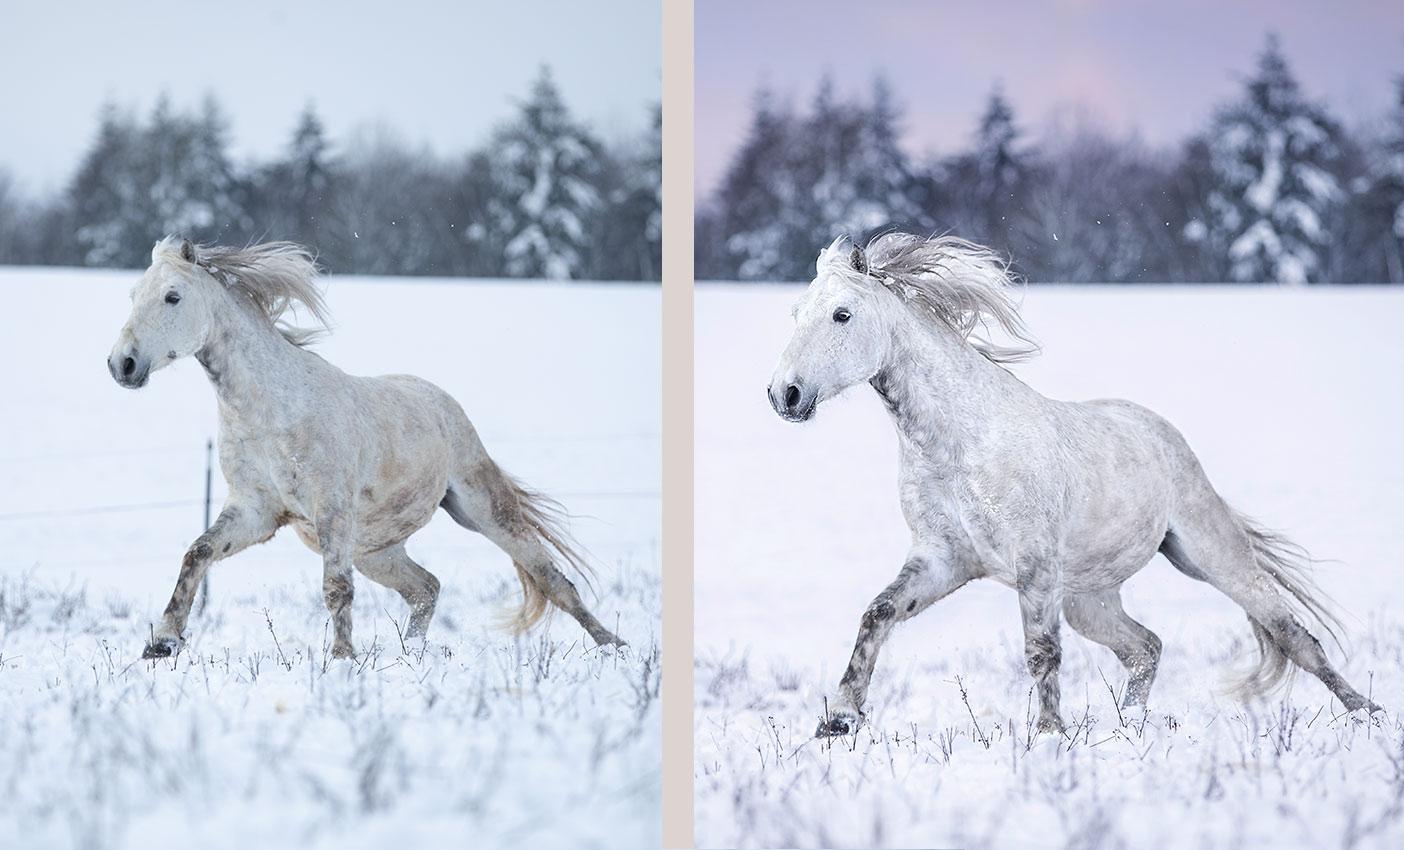 Pferdefotografie Coaching, Deutschland, Bayern, Würzburg, Fototräume wahr werden lassen, Fotografieren lernen